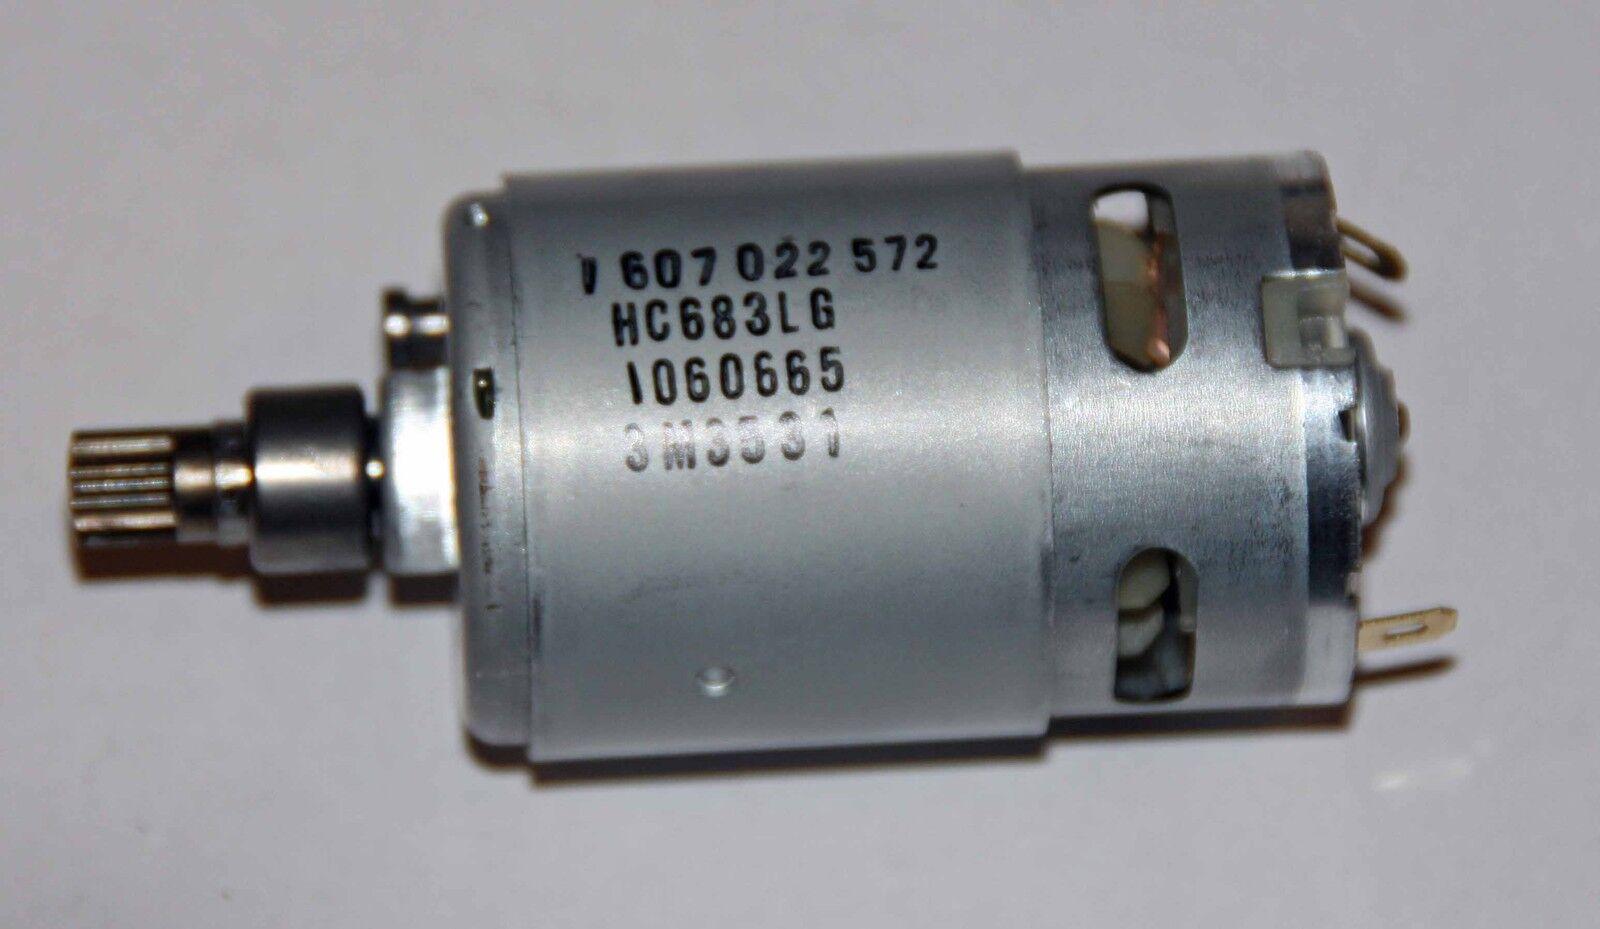 Motor Bosch Uneo Gleichstrommotor 2609003042 (1607022572)